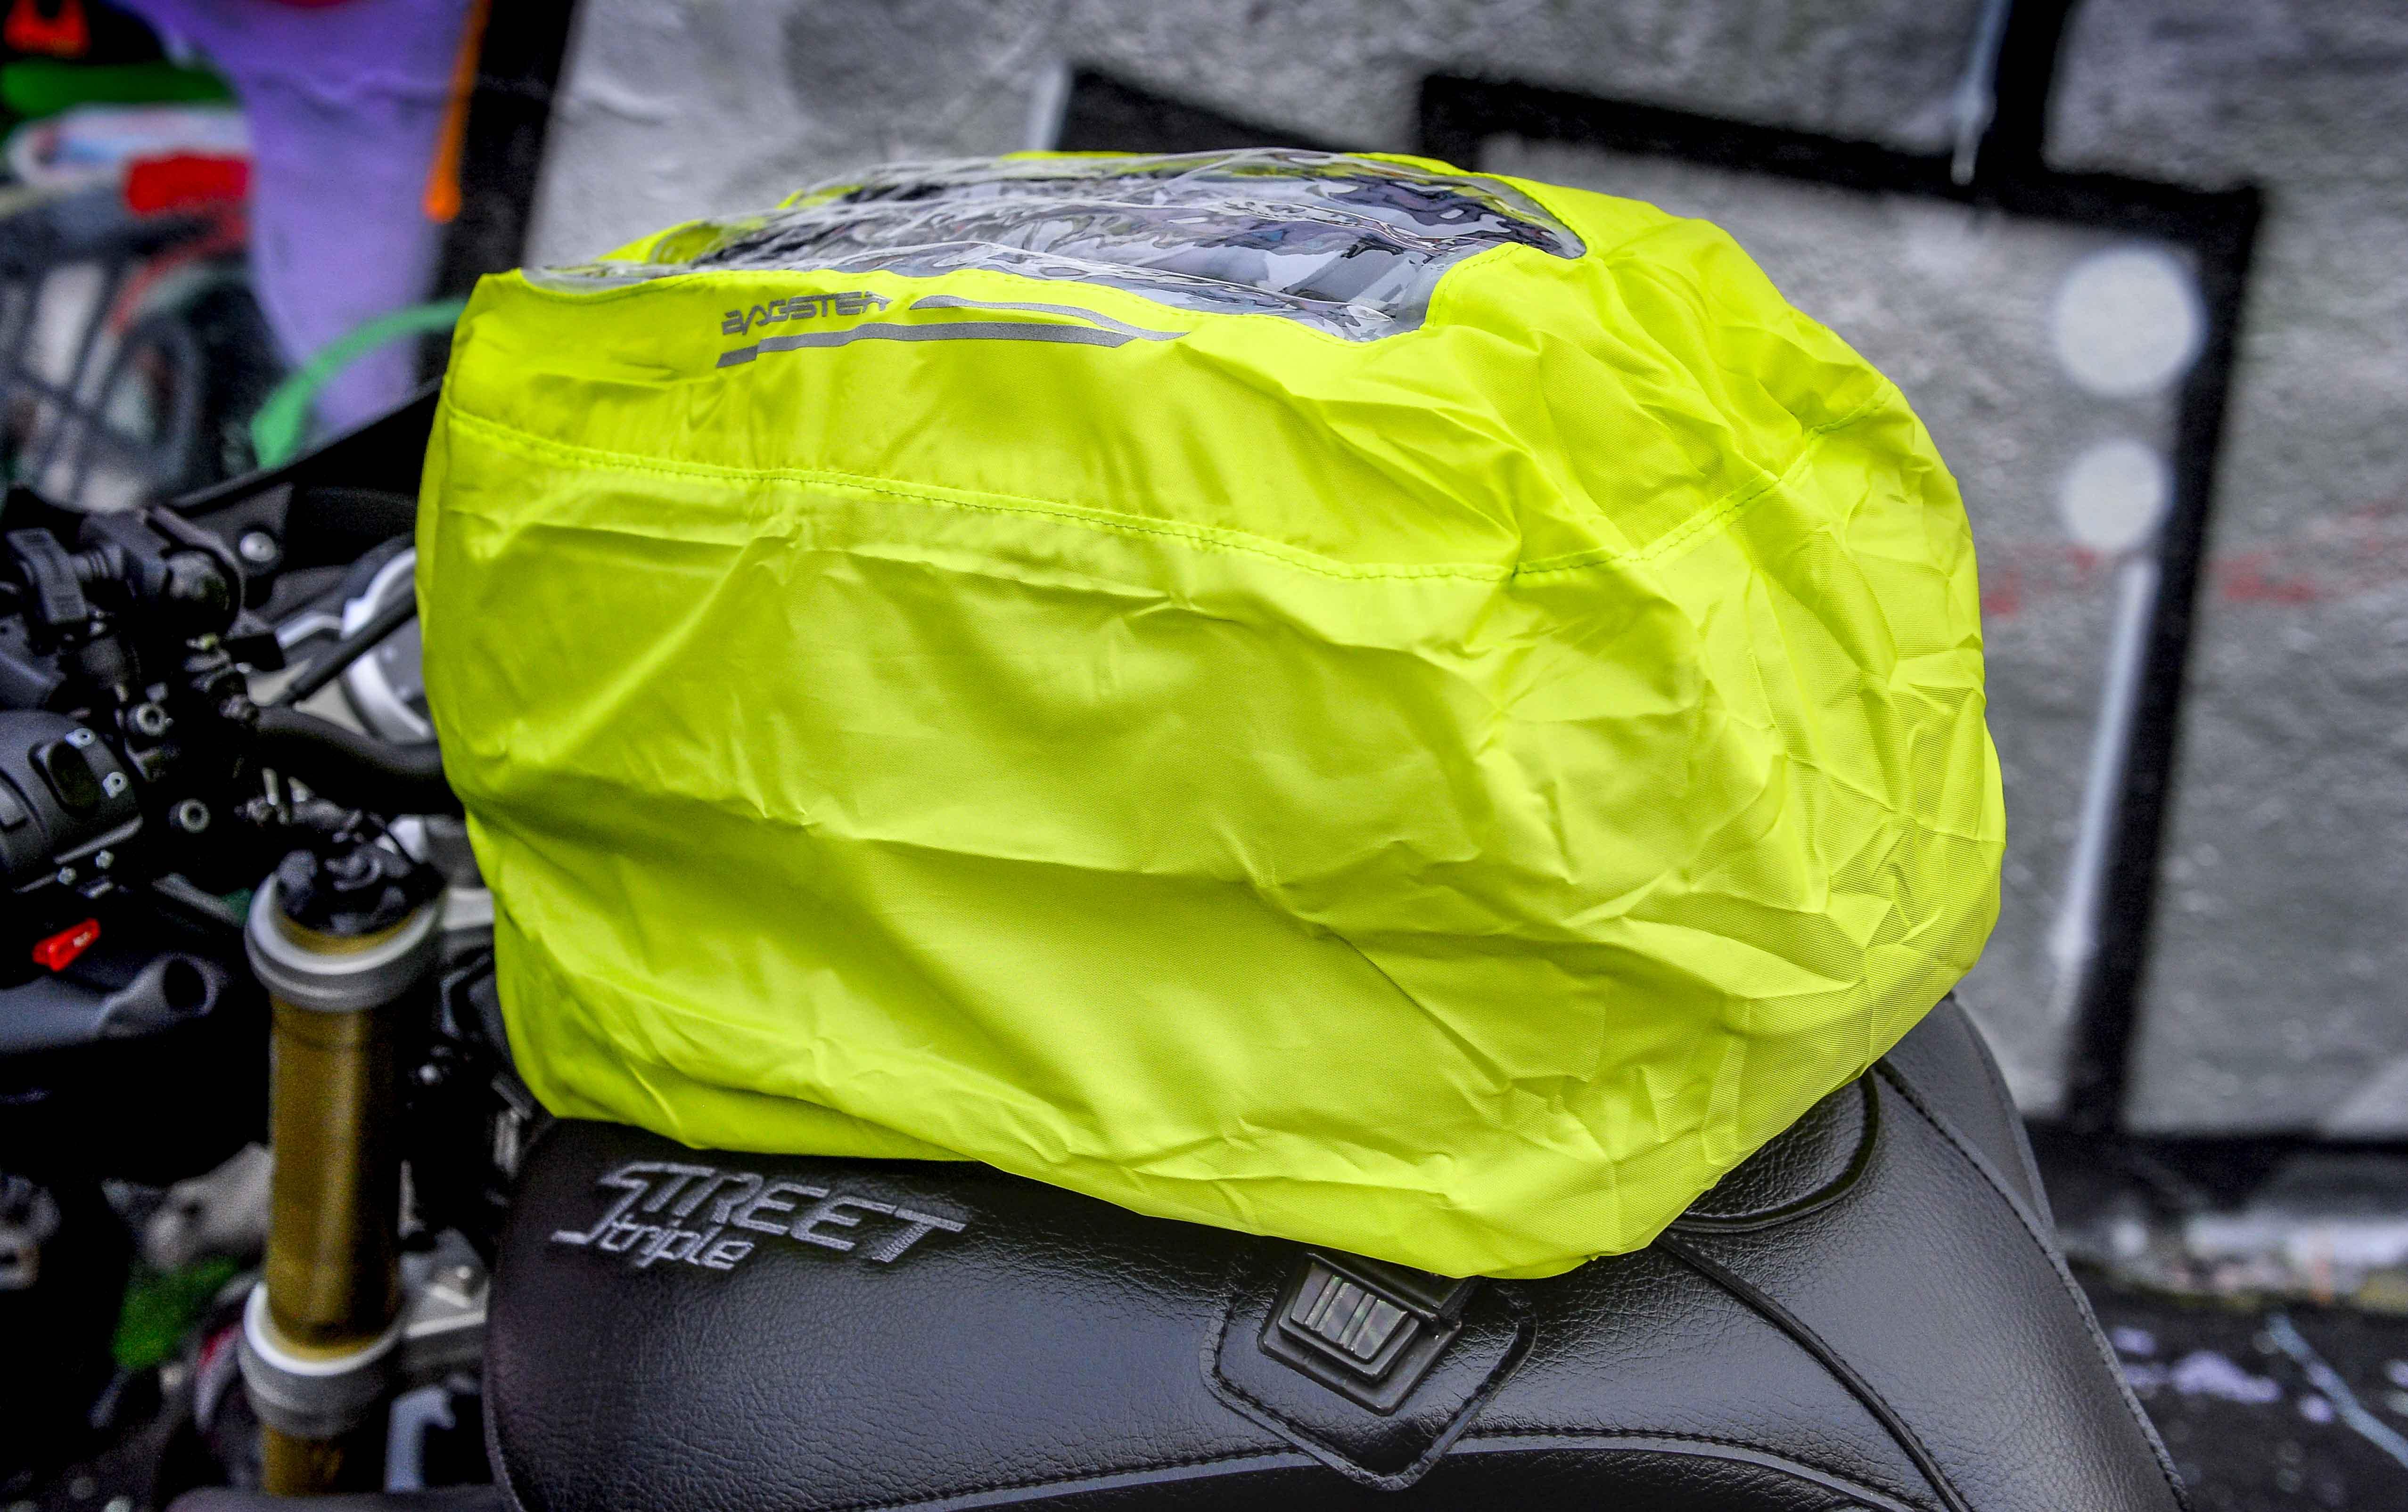 Housse contre la pluie de la sacoche Bagster Carbonrace